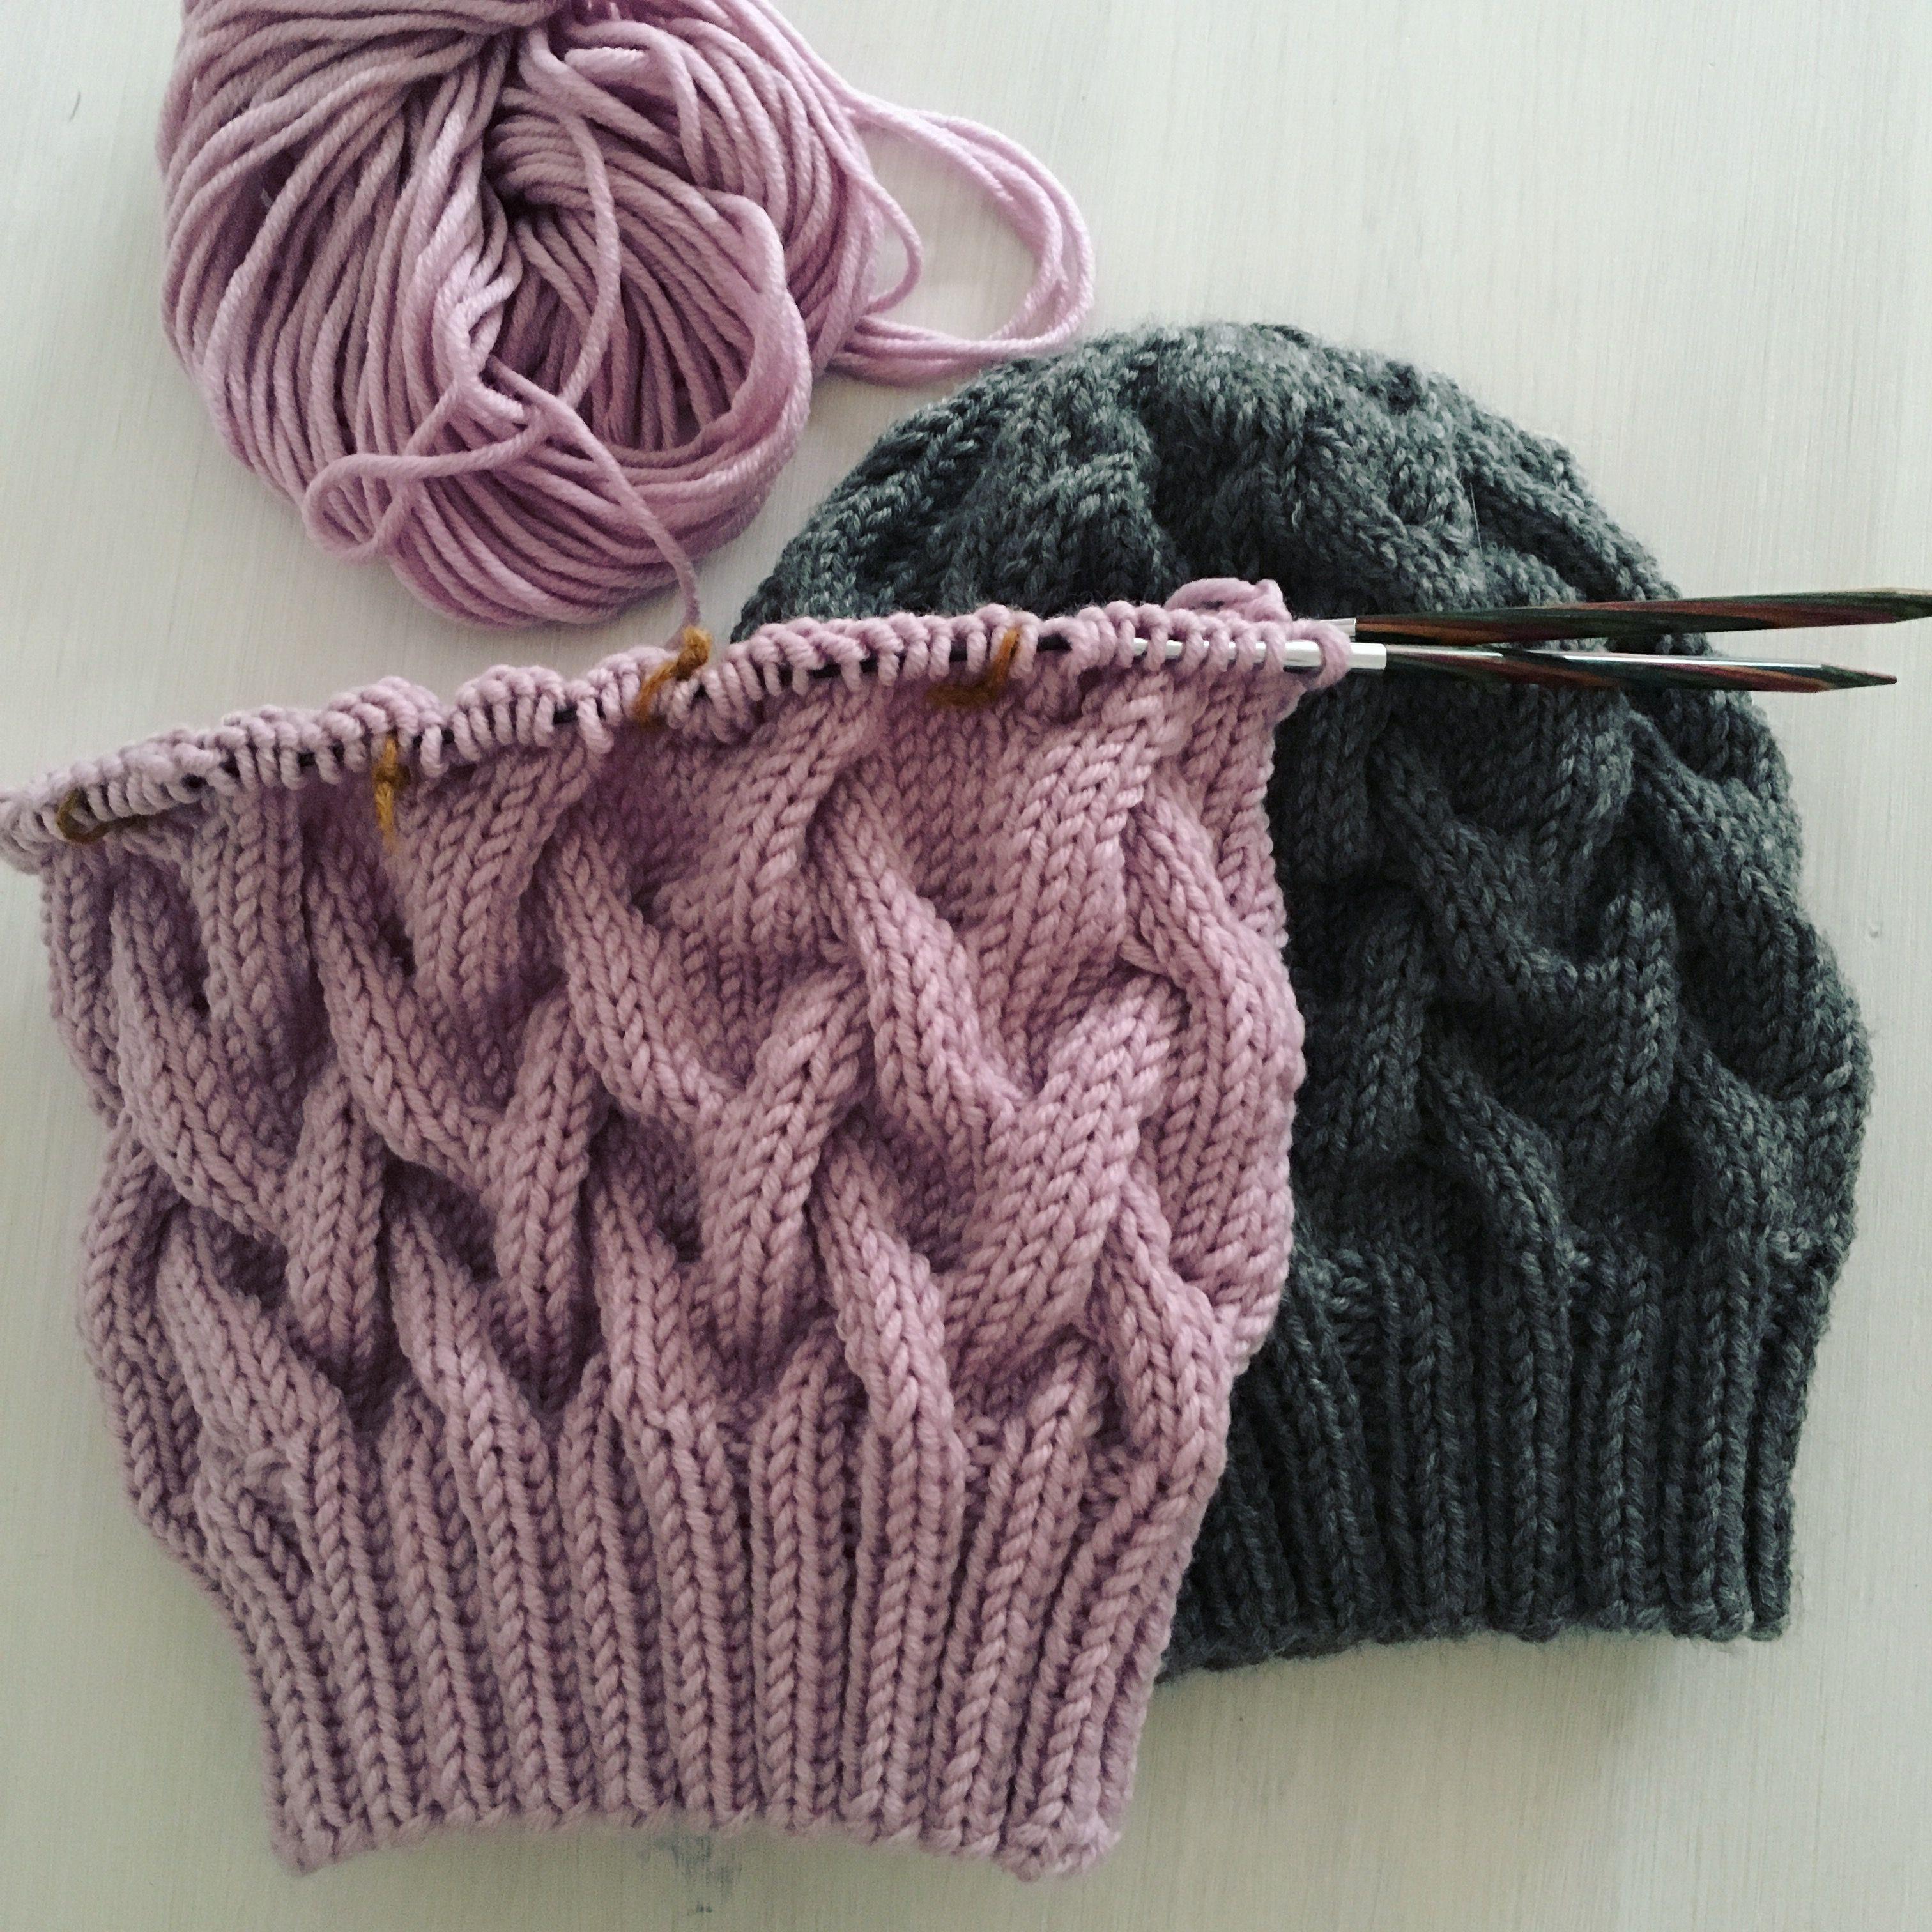 Mütze/Hat/Beanie AURORA pattern by Angelina Zimmer #knitting